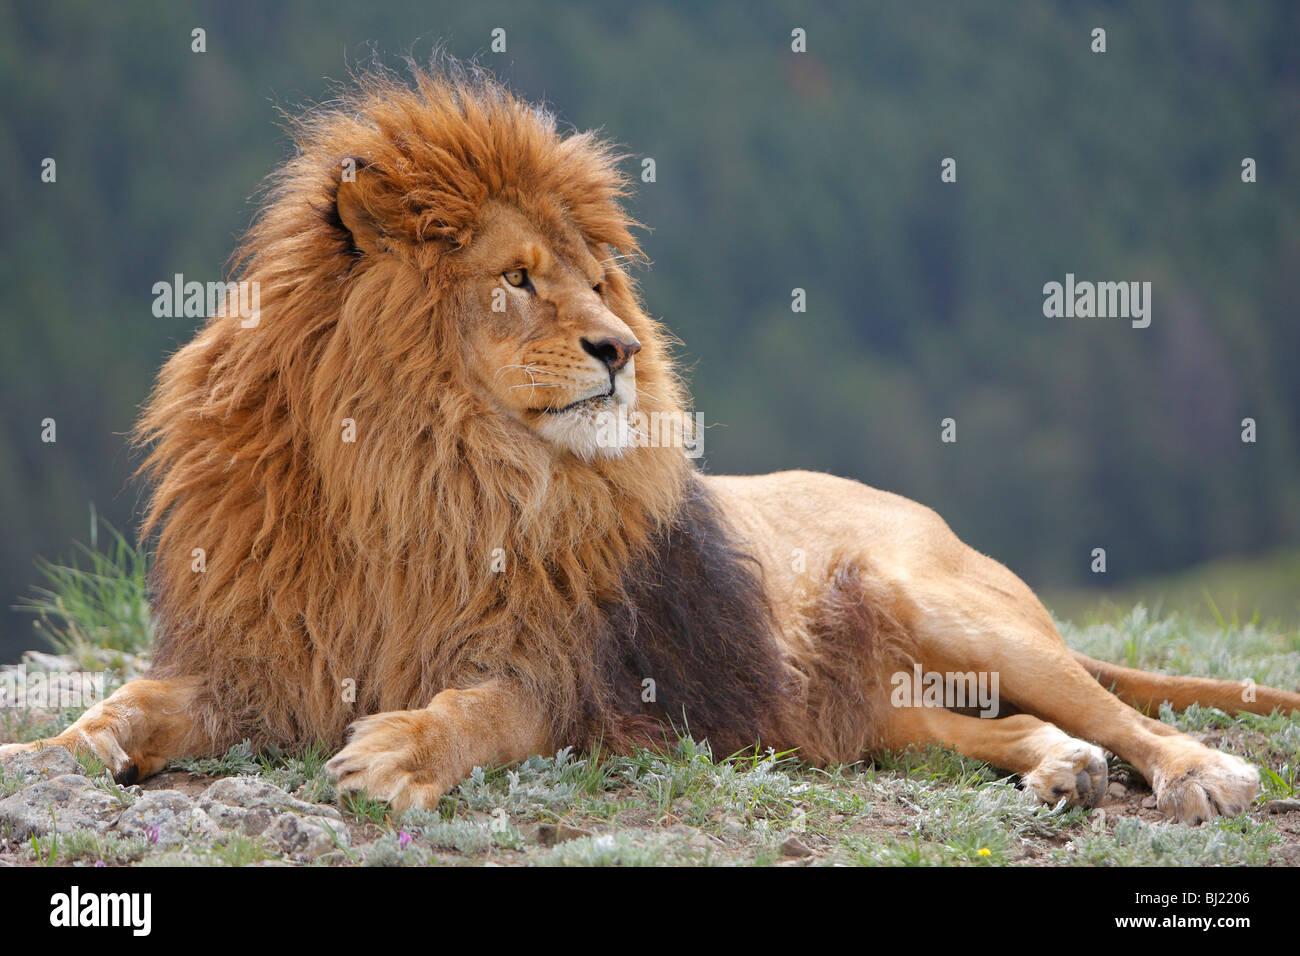 Barberia Lion (Panthera leo leo), giacente maschio. Immagini Stock